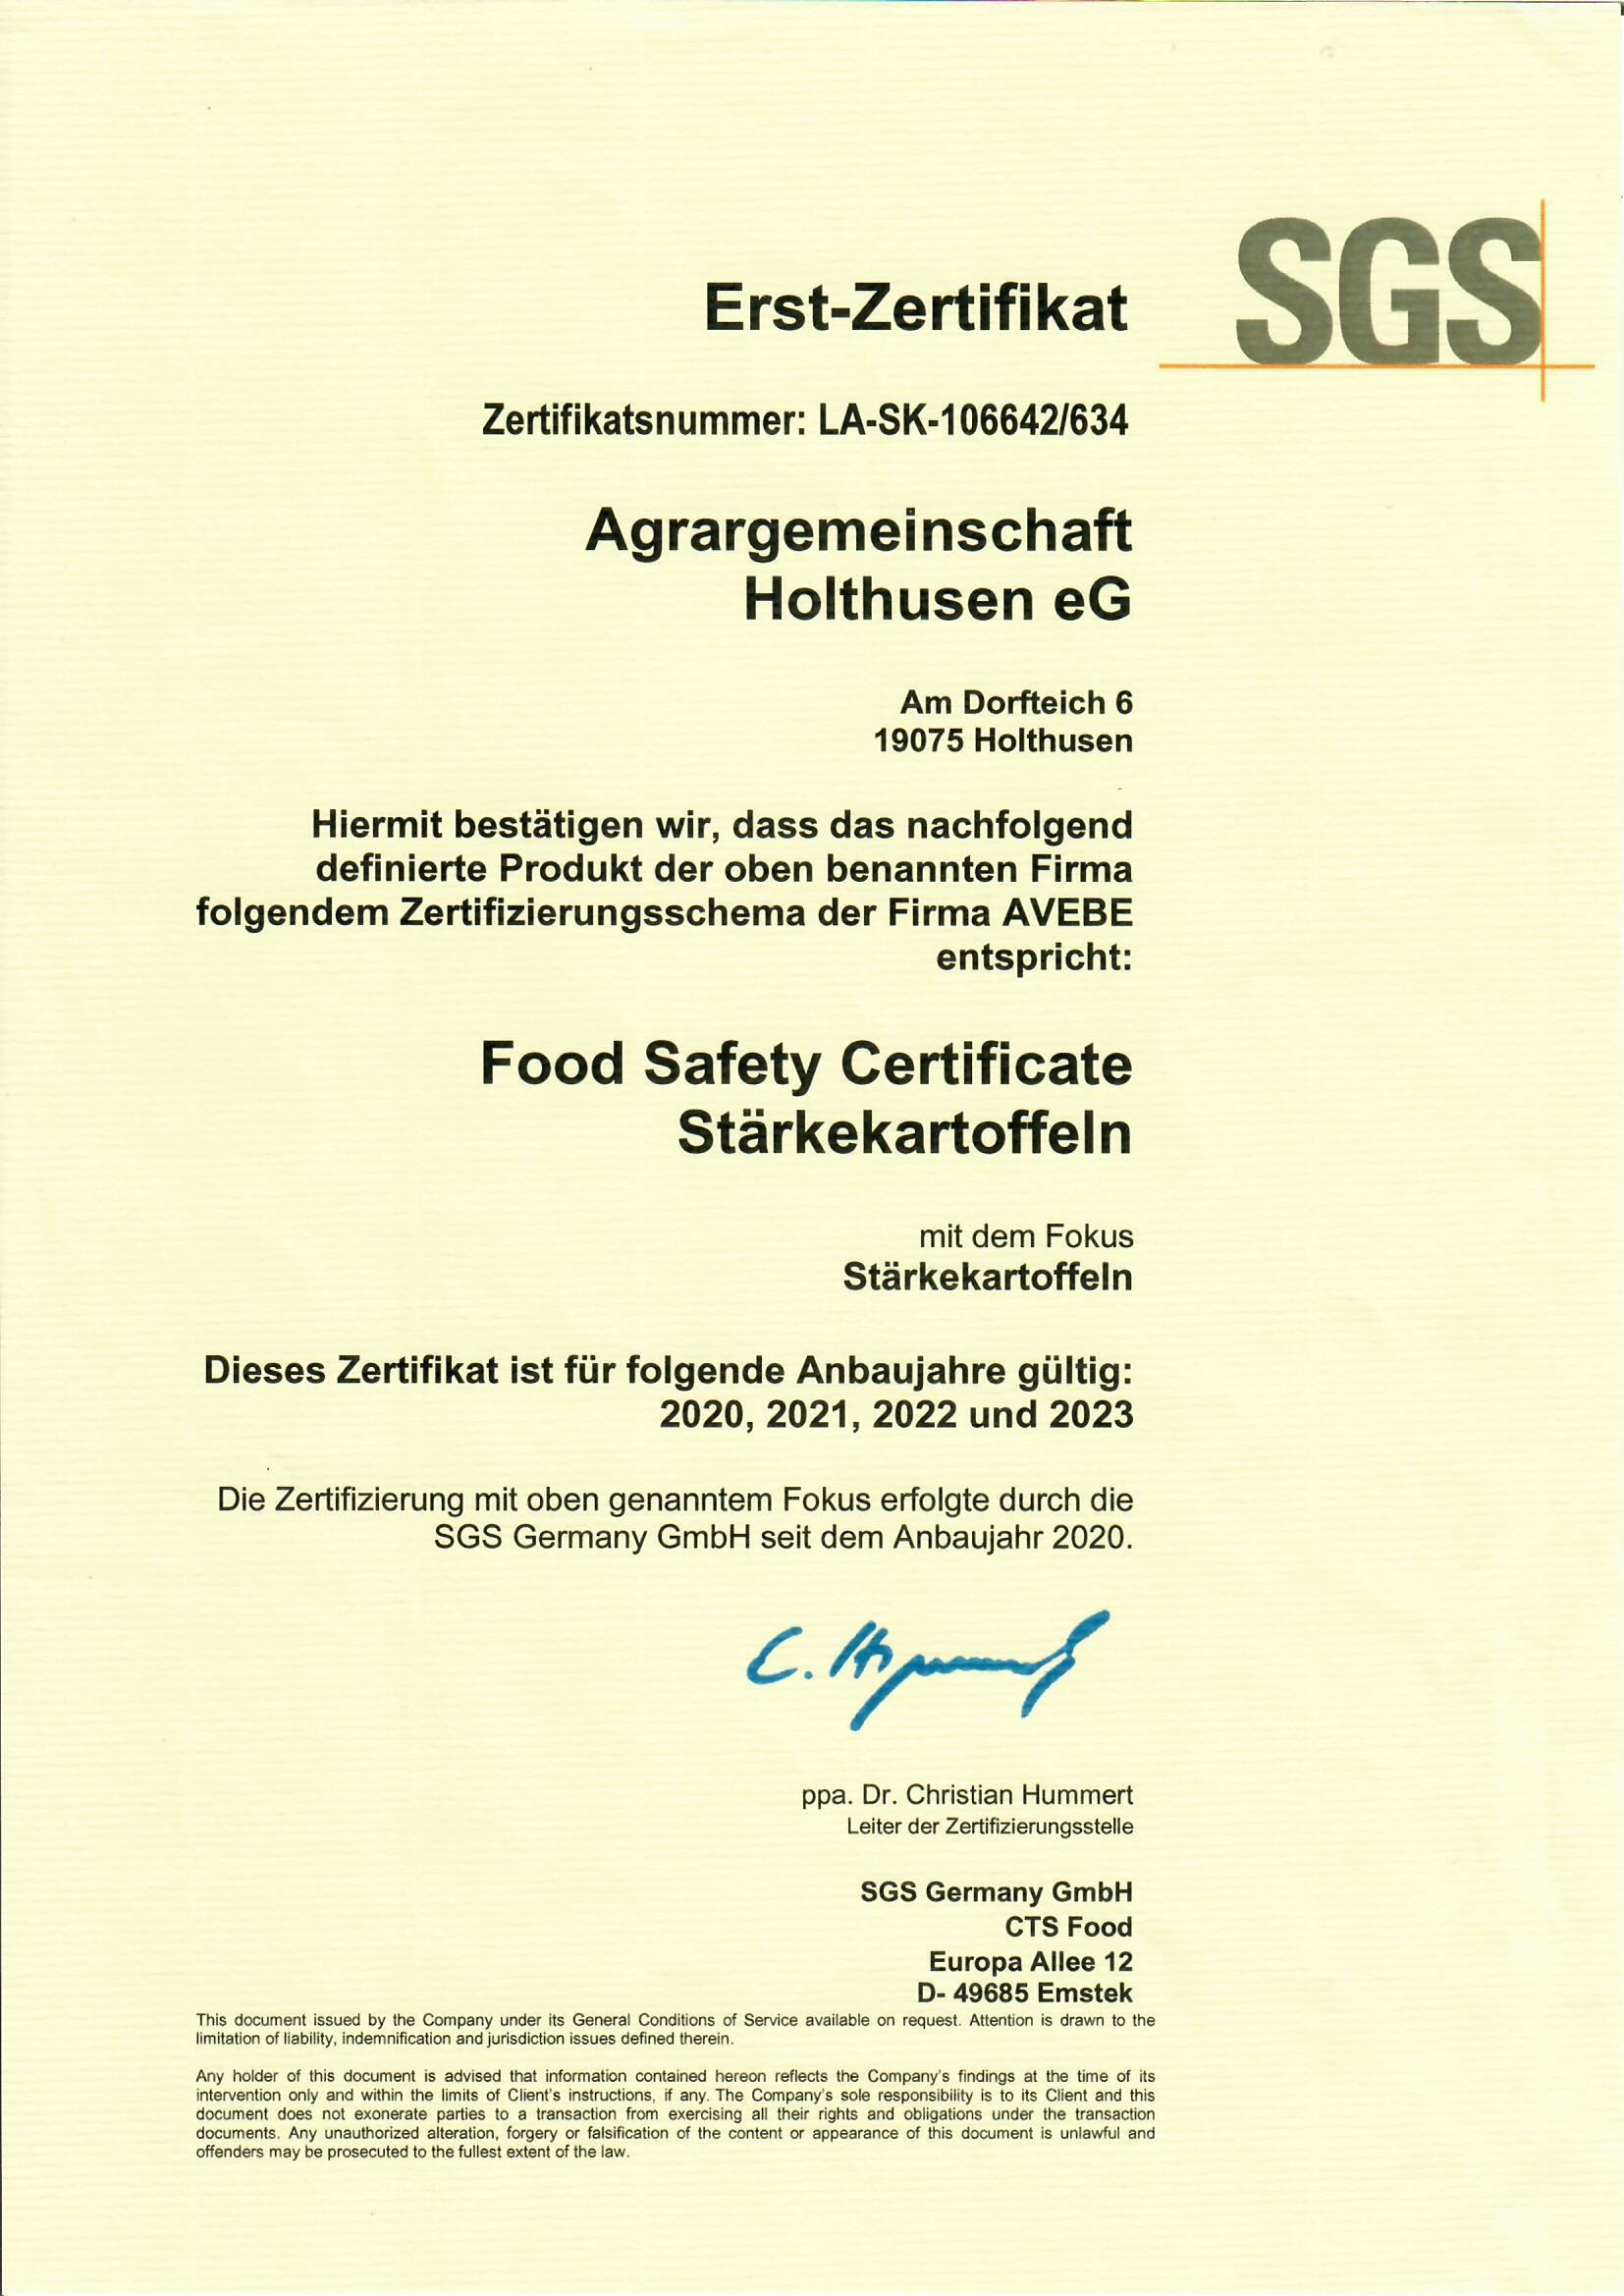 Zertifikat Stärkekartoffeln